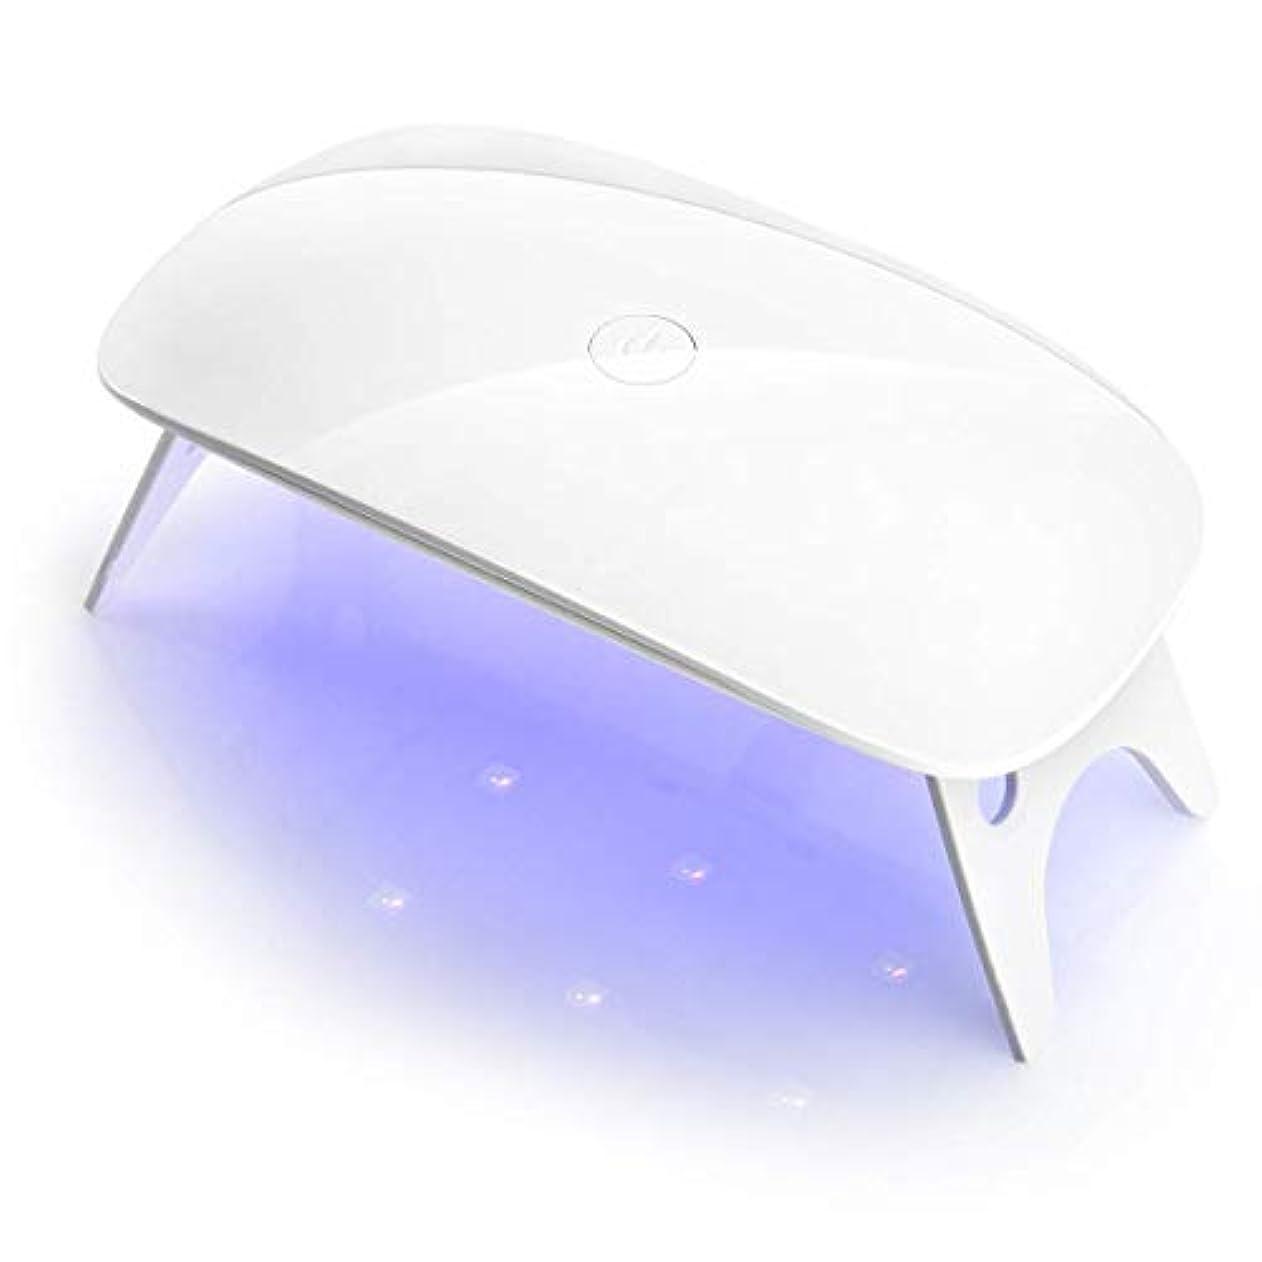 フラフープファンシーもっと少なくタイマー設定可能ネイルドライヤー UVライト折りたたみ式手足とも使える 人感センサー式 LED 硬化ライト